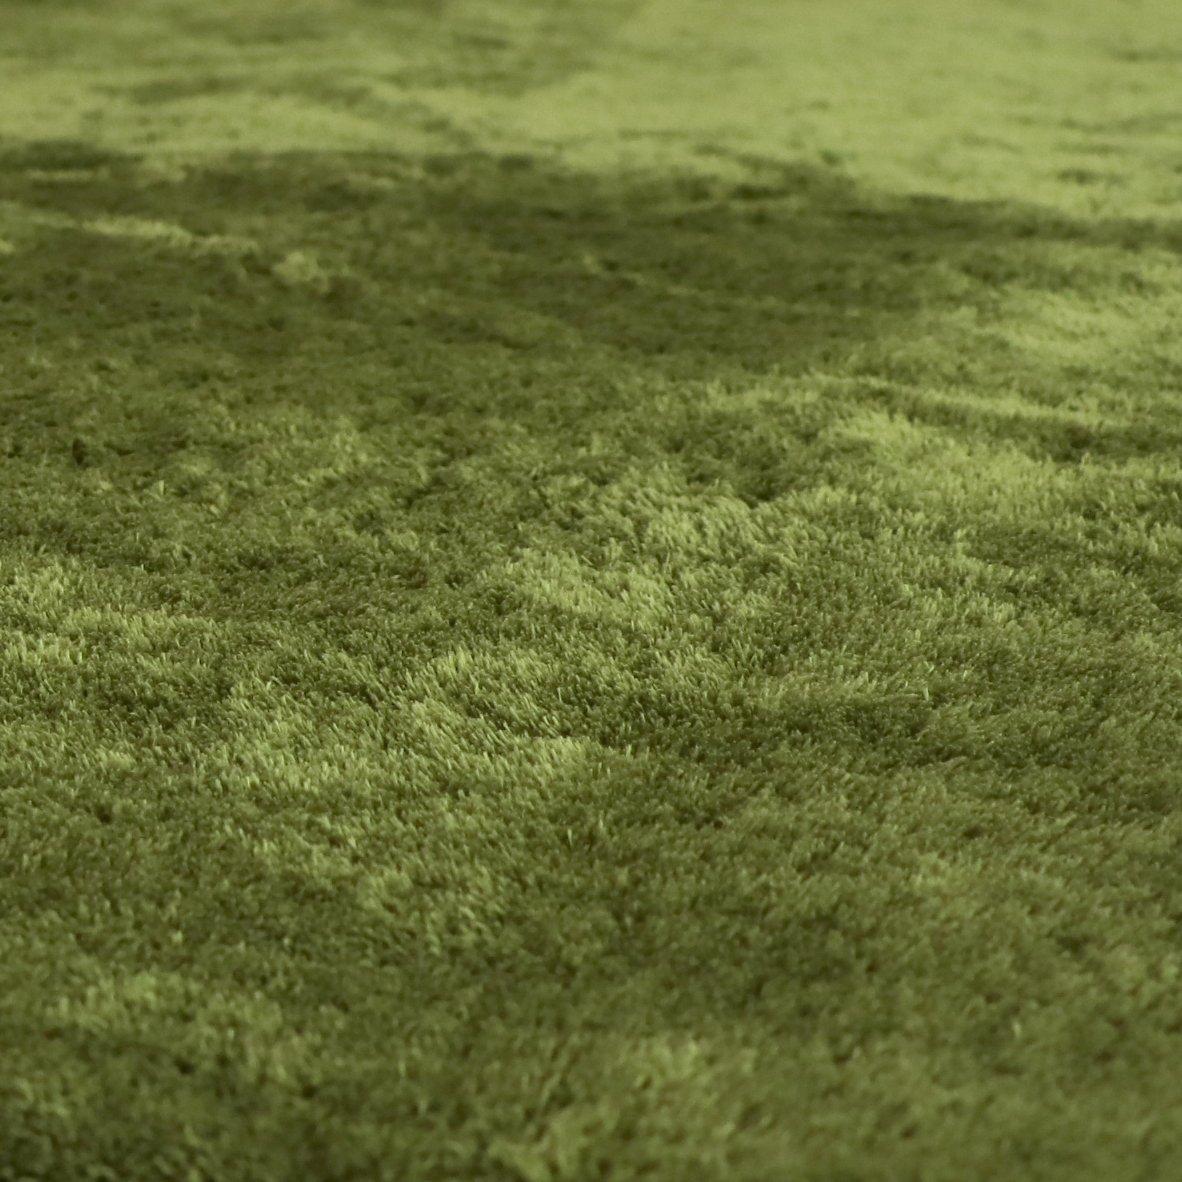 トシシミズ EXマイクロファイバー洗えるラグマット MS-300 (200×250cm) 【460943G5】 サイズ:200×250cm 色:オリーブイエロー【smtb-s】